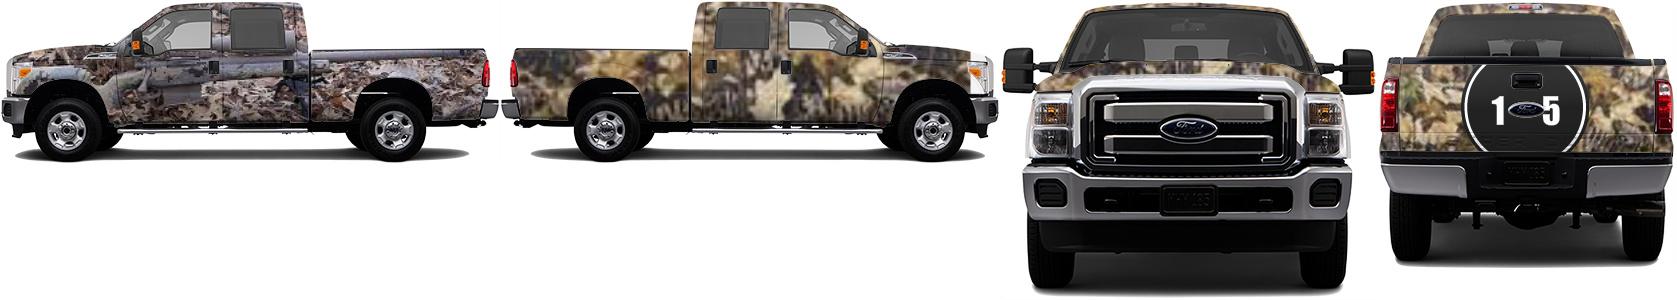 Truck Wrap #36992